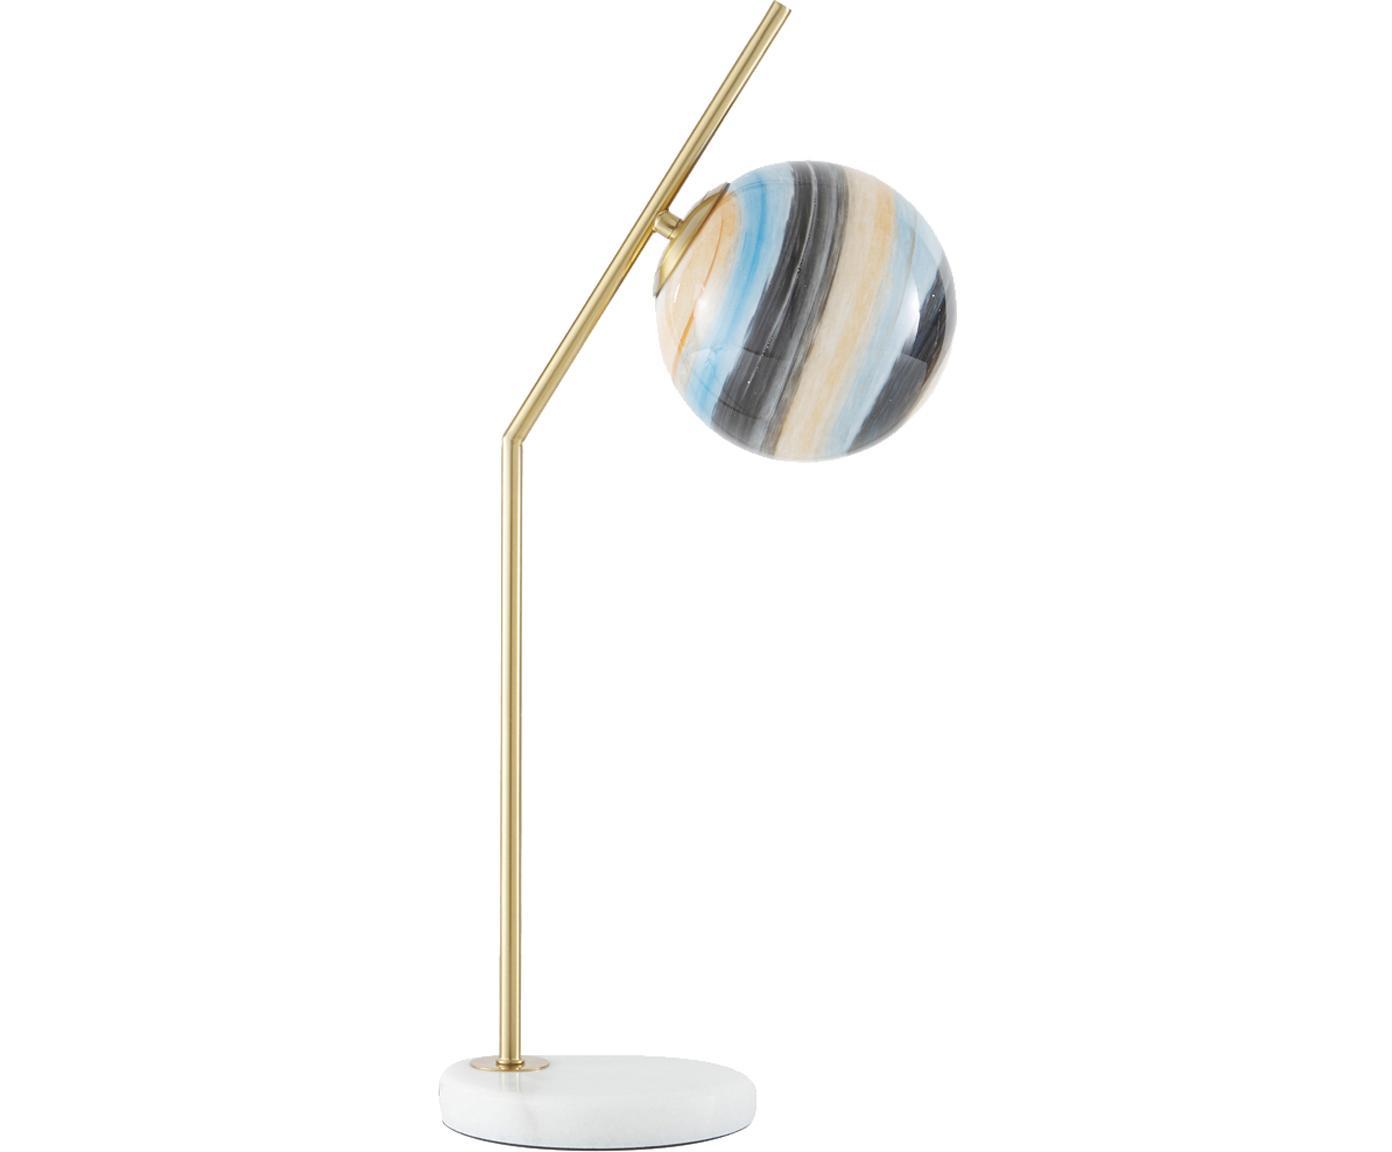 Lampada da tavolo Opal, Metallo, vetro, Colori ottone, bianco, colori pastello, Larg. 25 x Alt. 56 cm